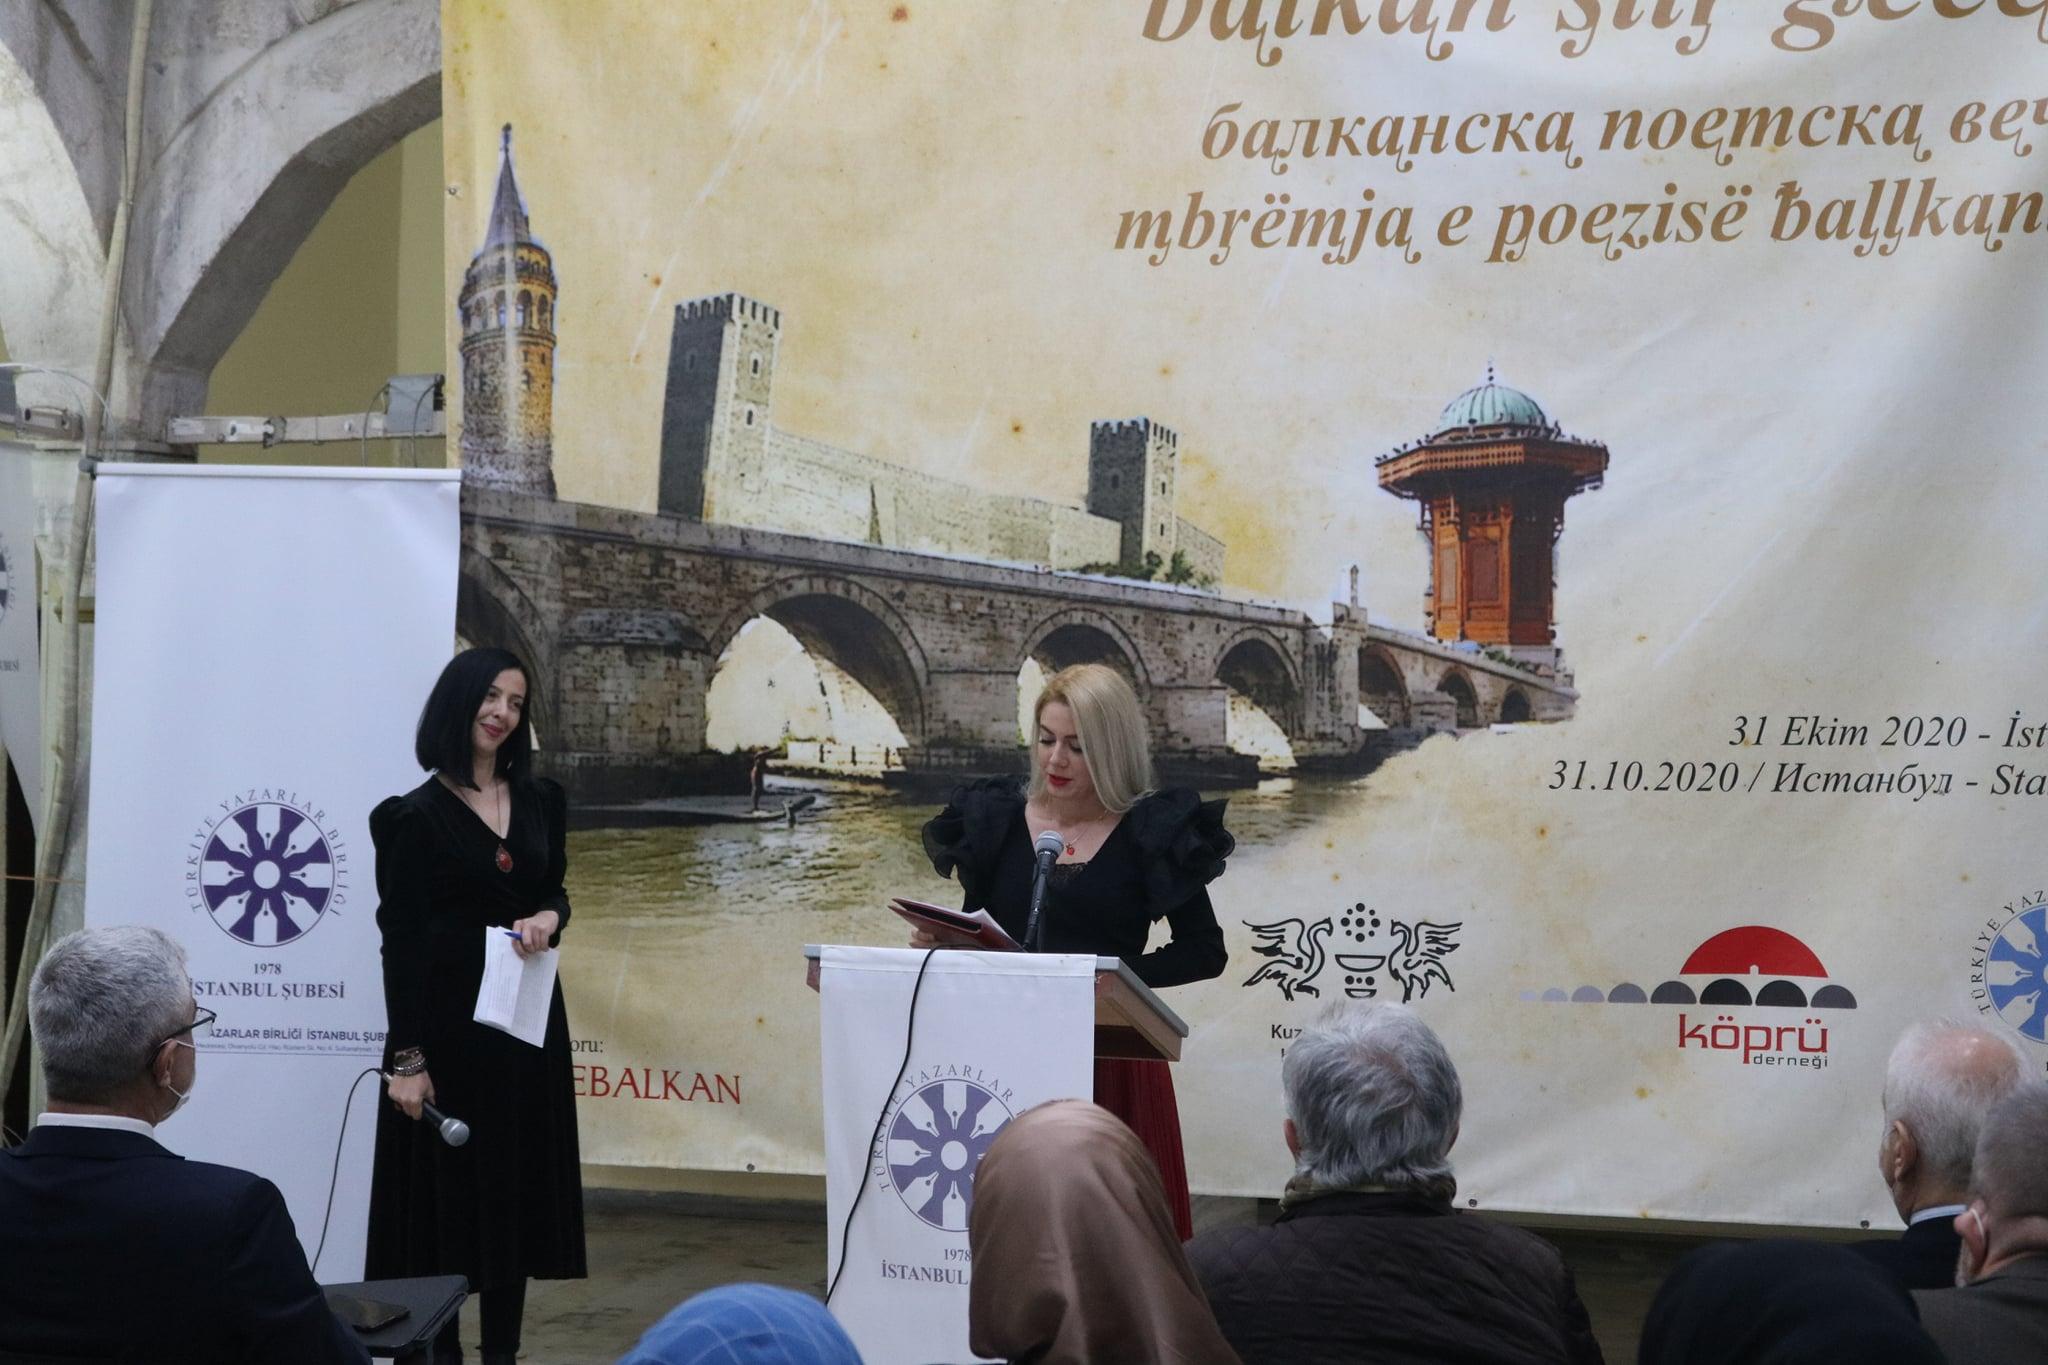 Köprü Derneği, Balkan kökenli şairleri İstanbul'da buluşturdu